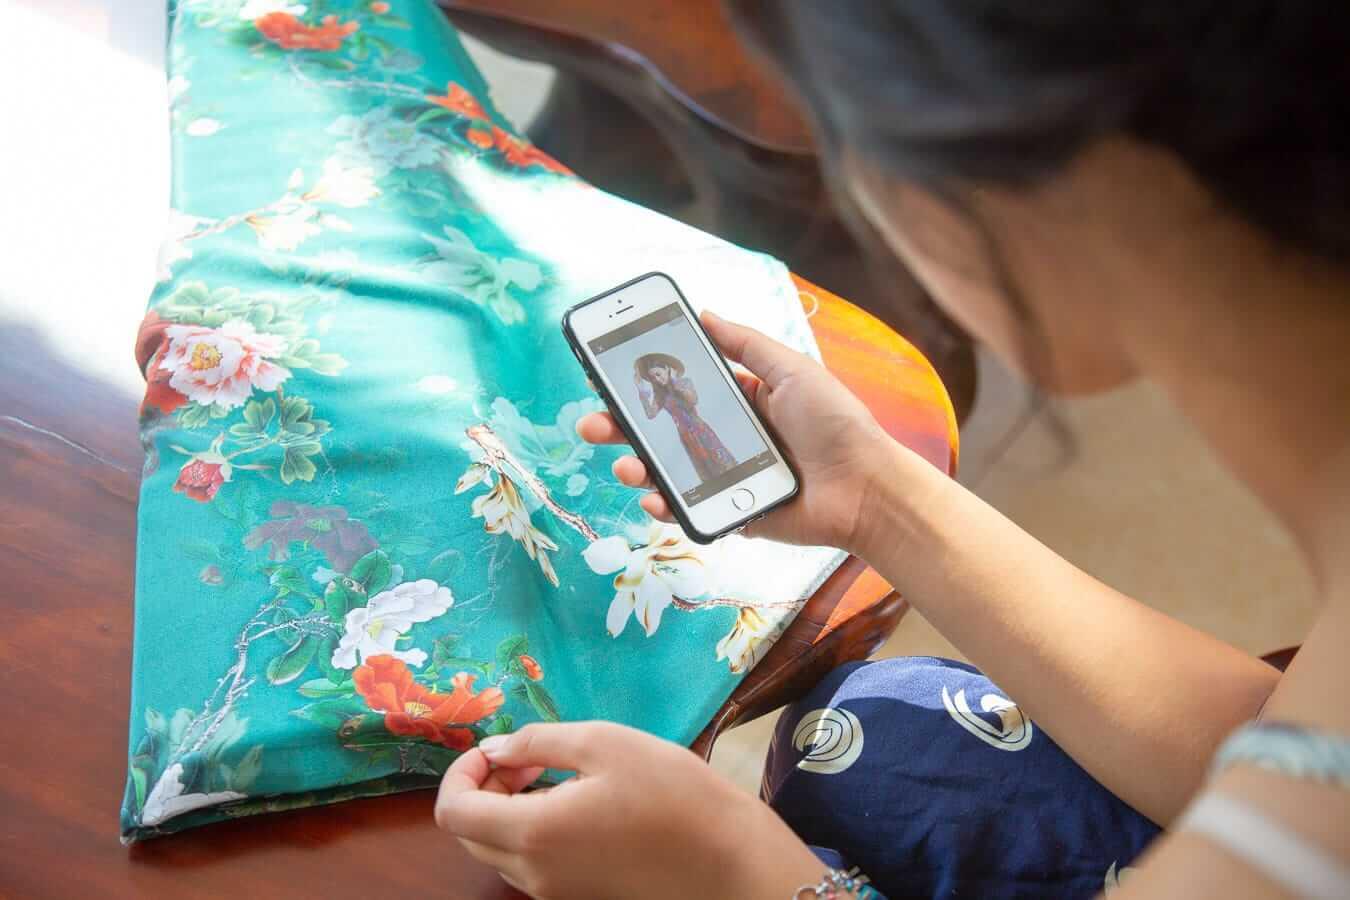 Sample photos for Hoi An tailor